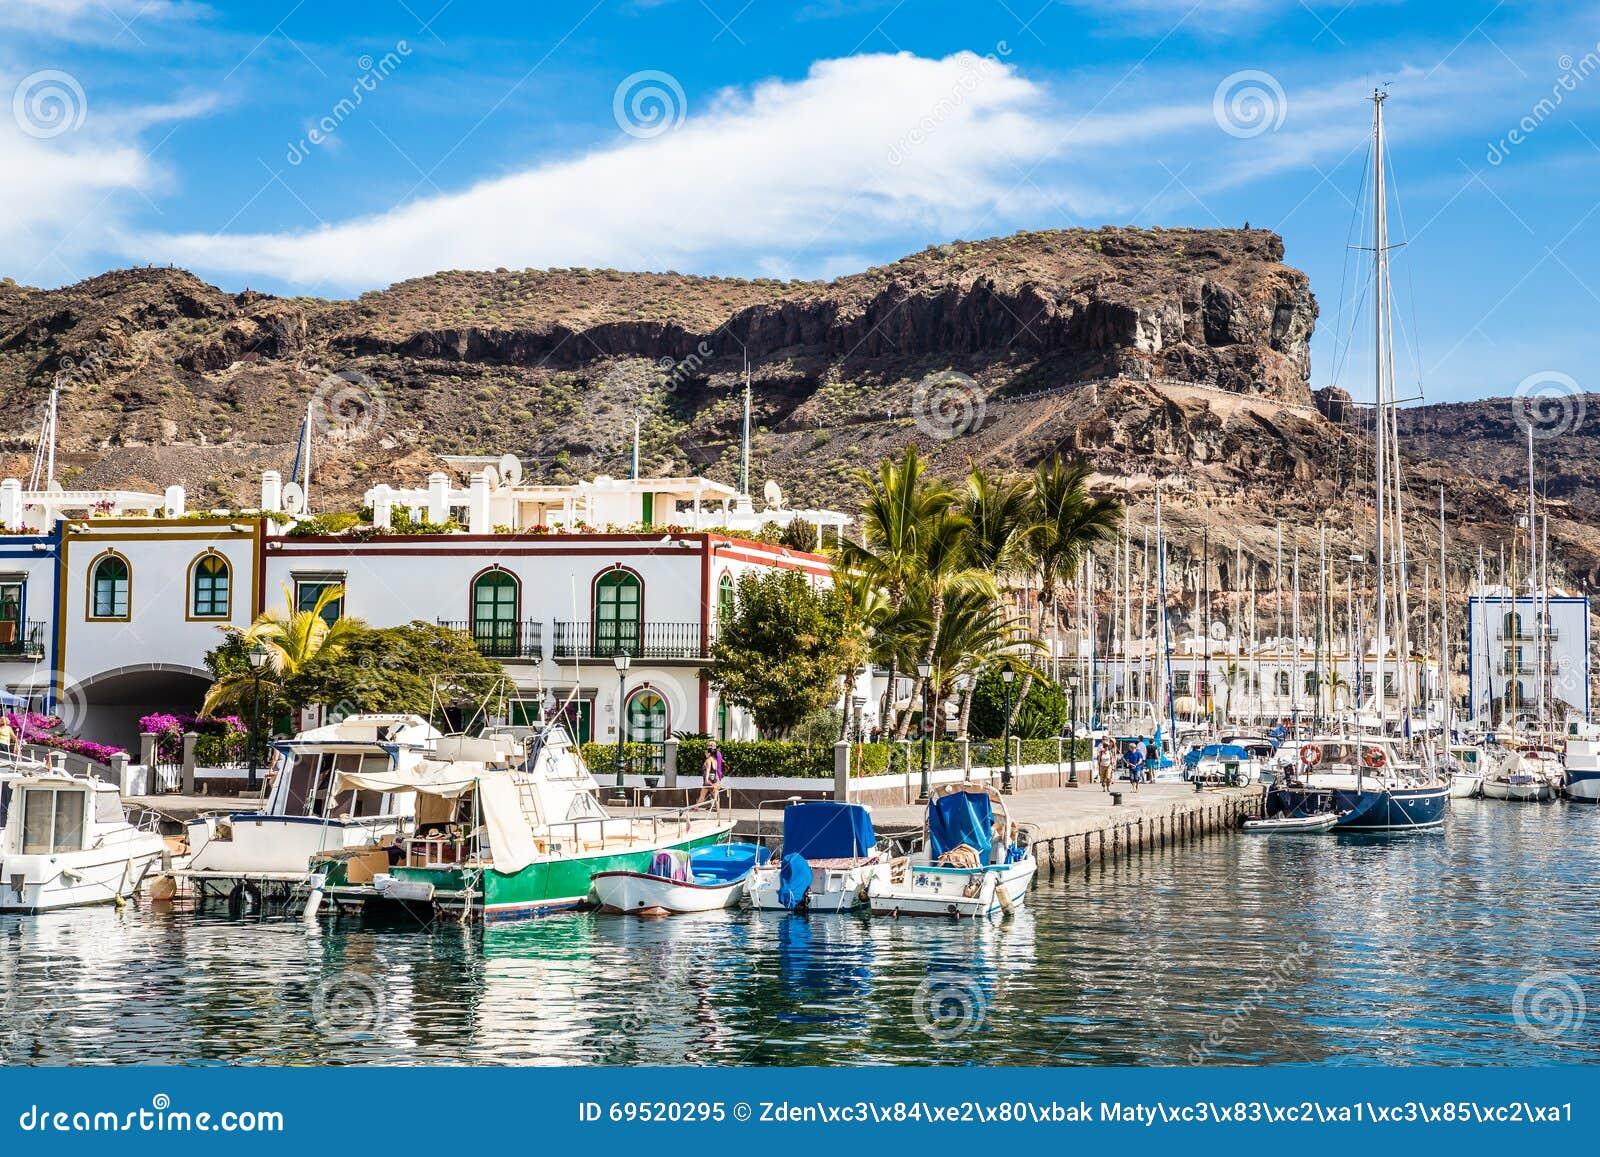 Port in puerto de mogan gran canaria spain royalty free stock image 69520282 - Puerto mogan gran canaria ...